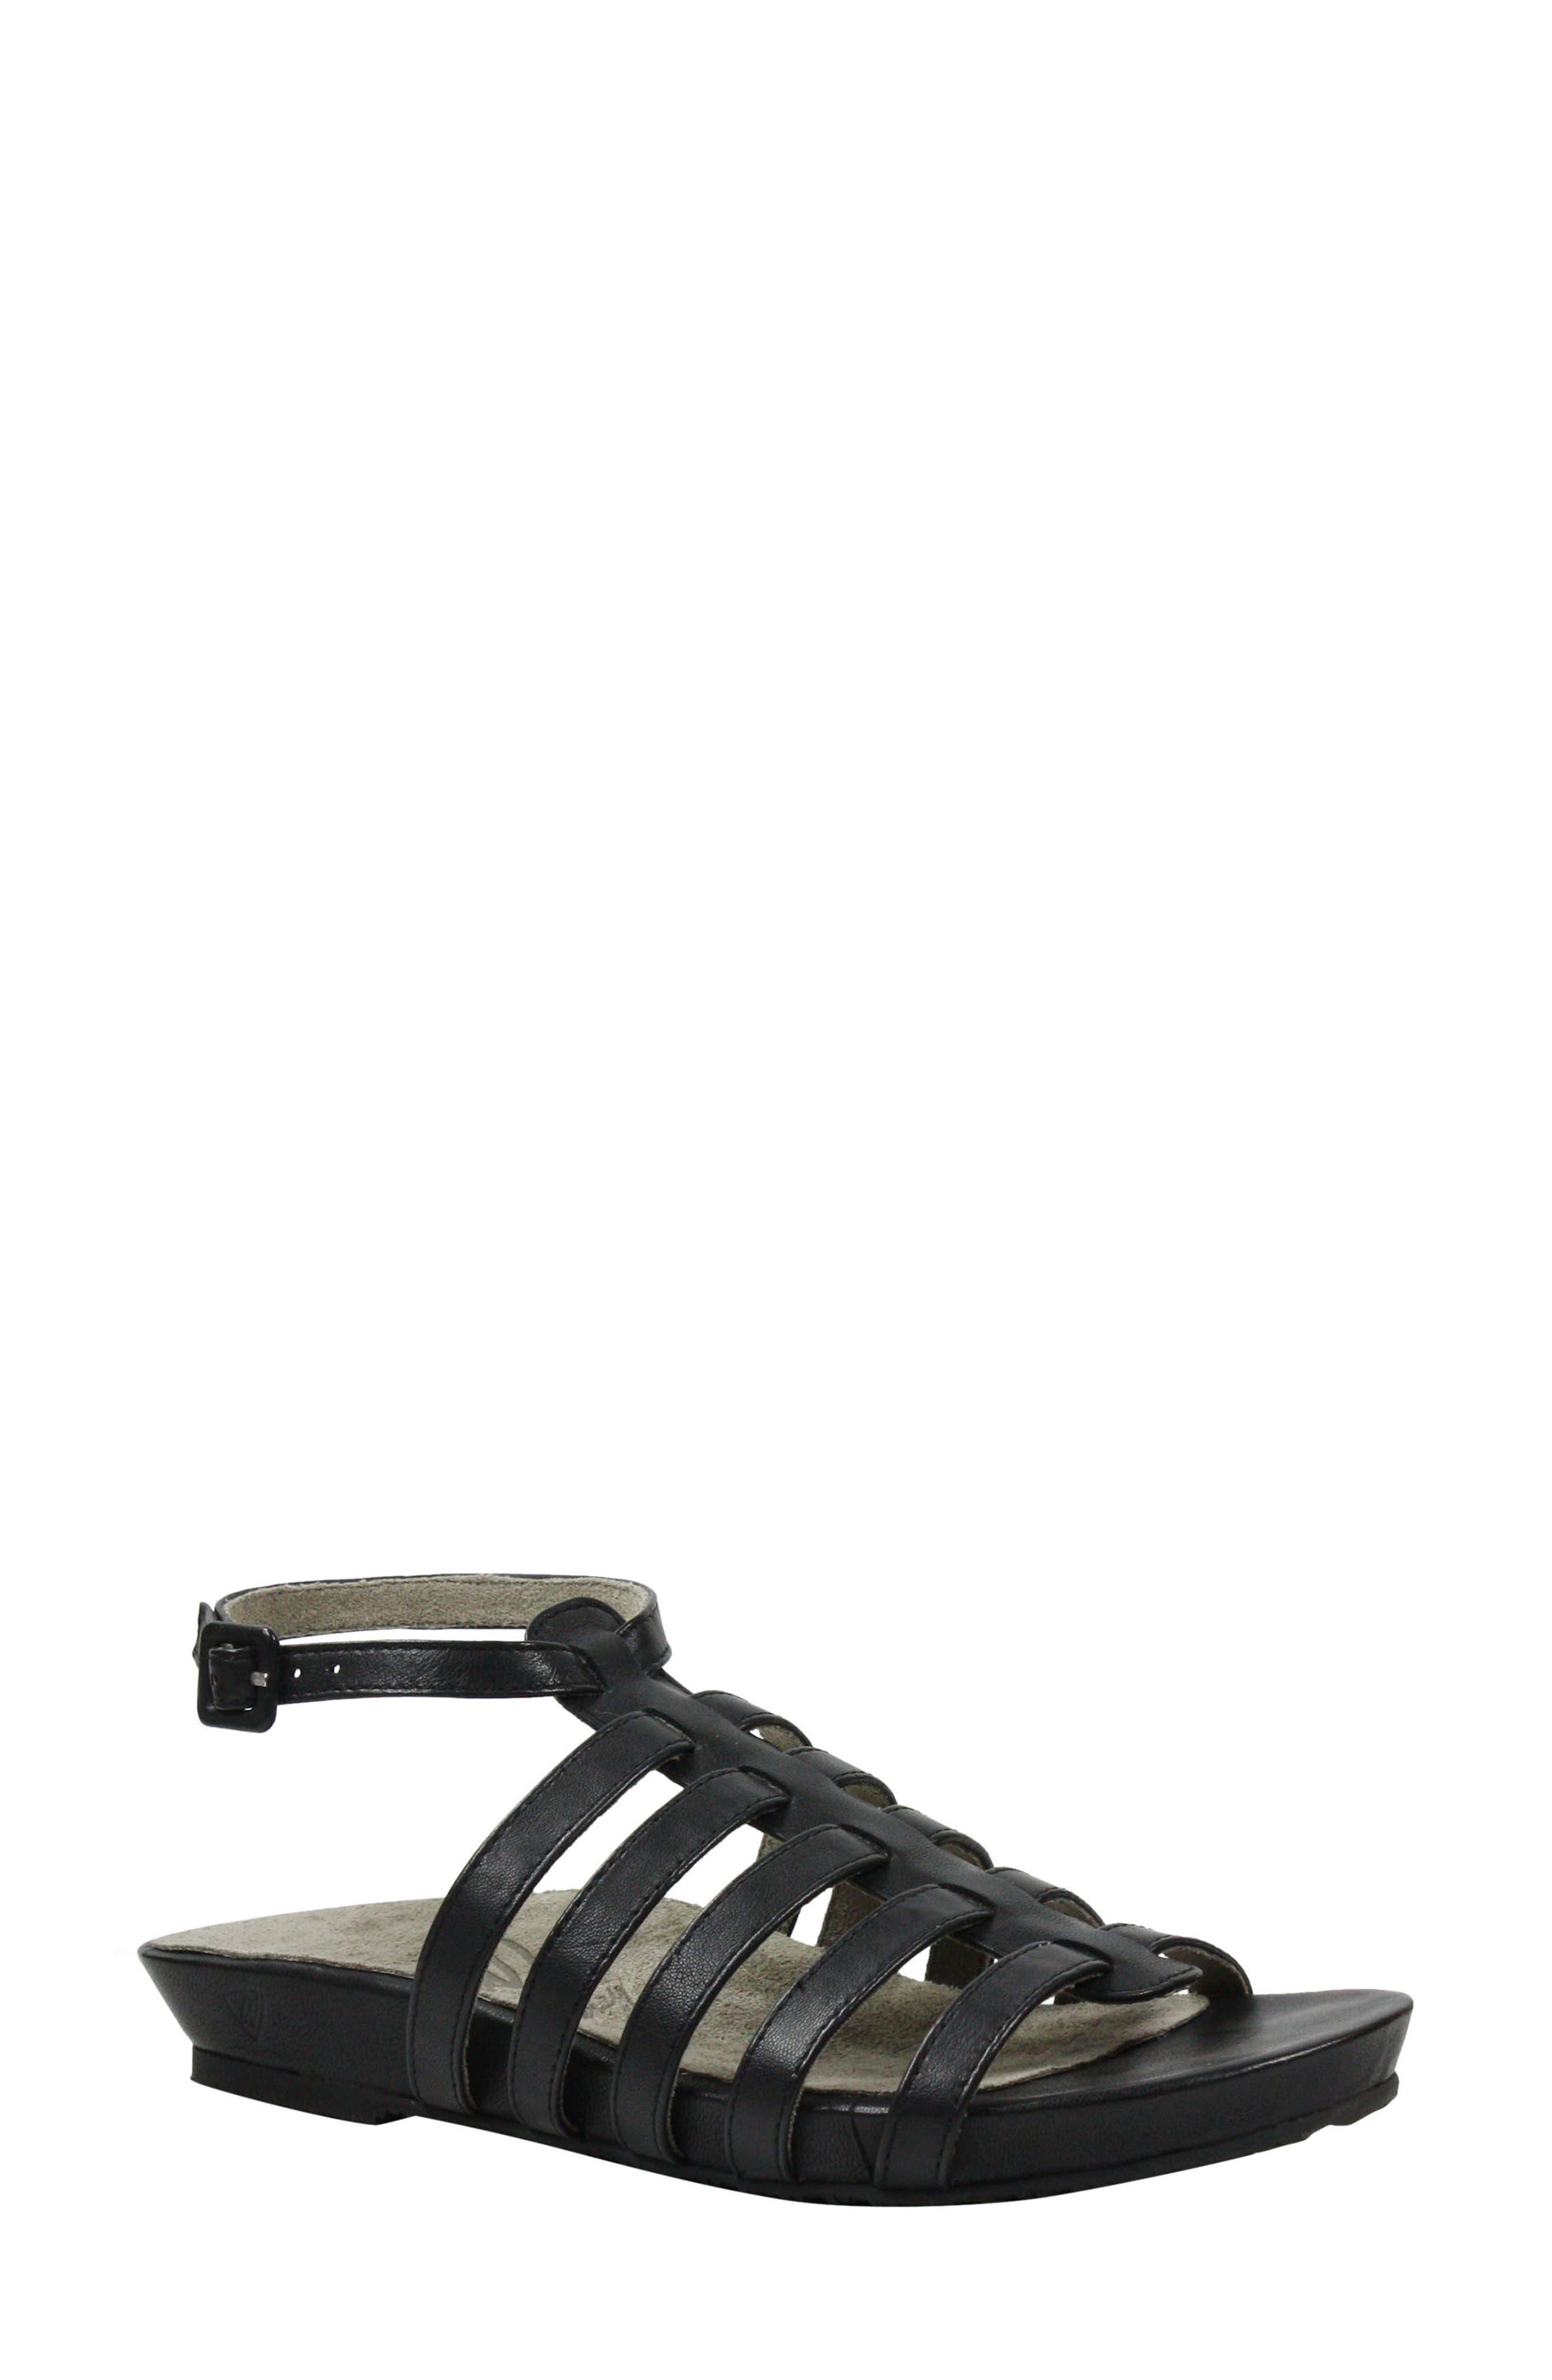 J. Renee Women's Delmor Ankle Strap Sandal